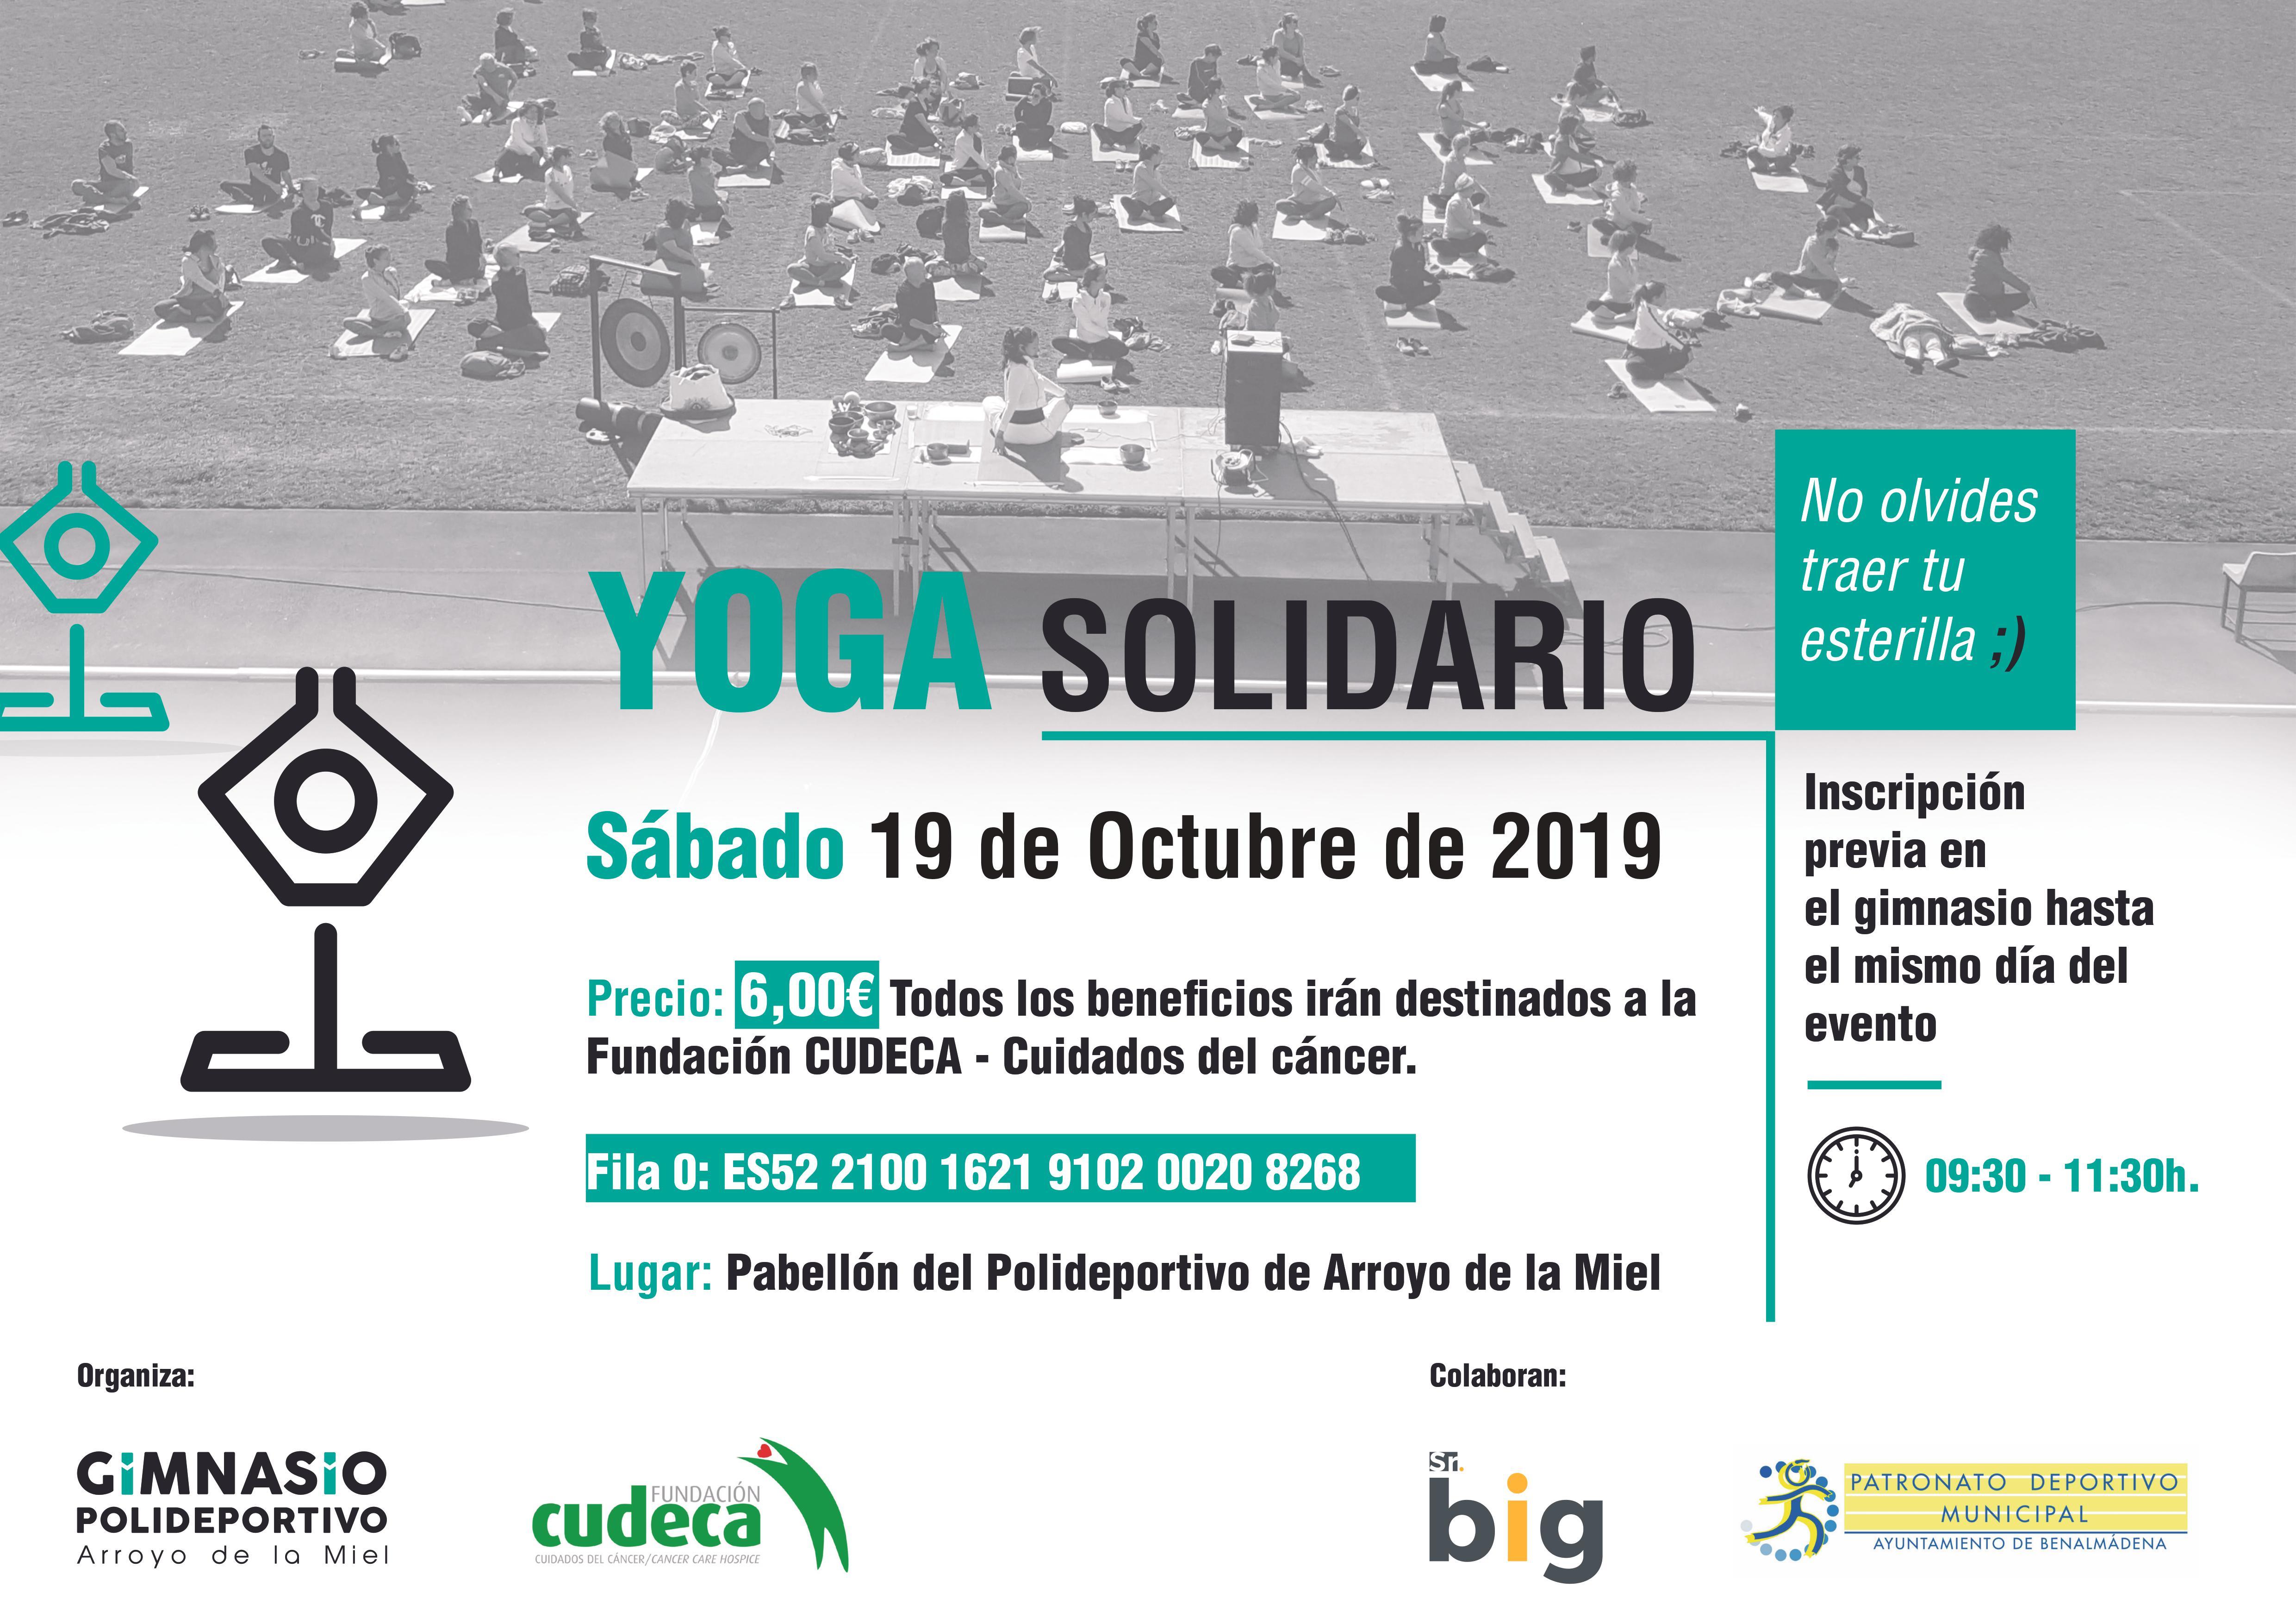 II Jornada de Yoga Solidario